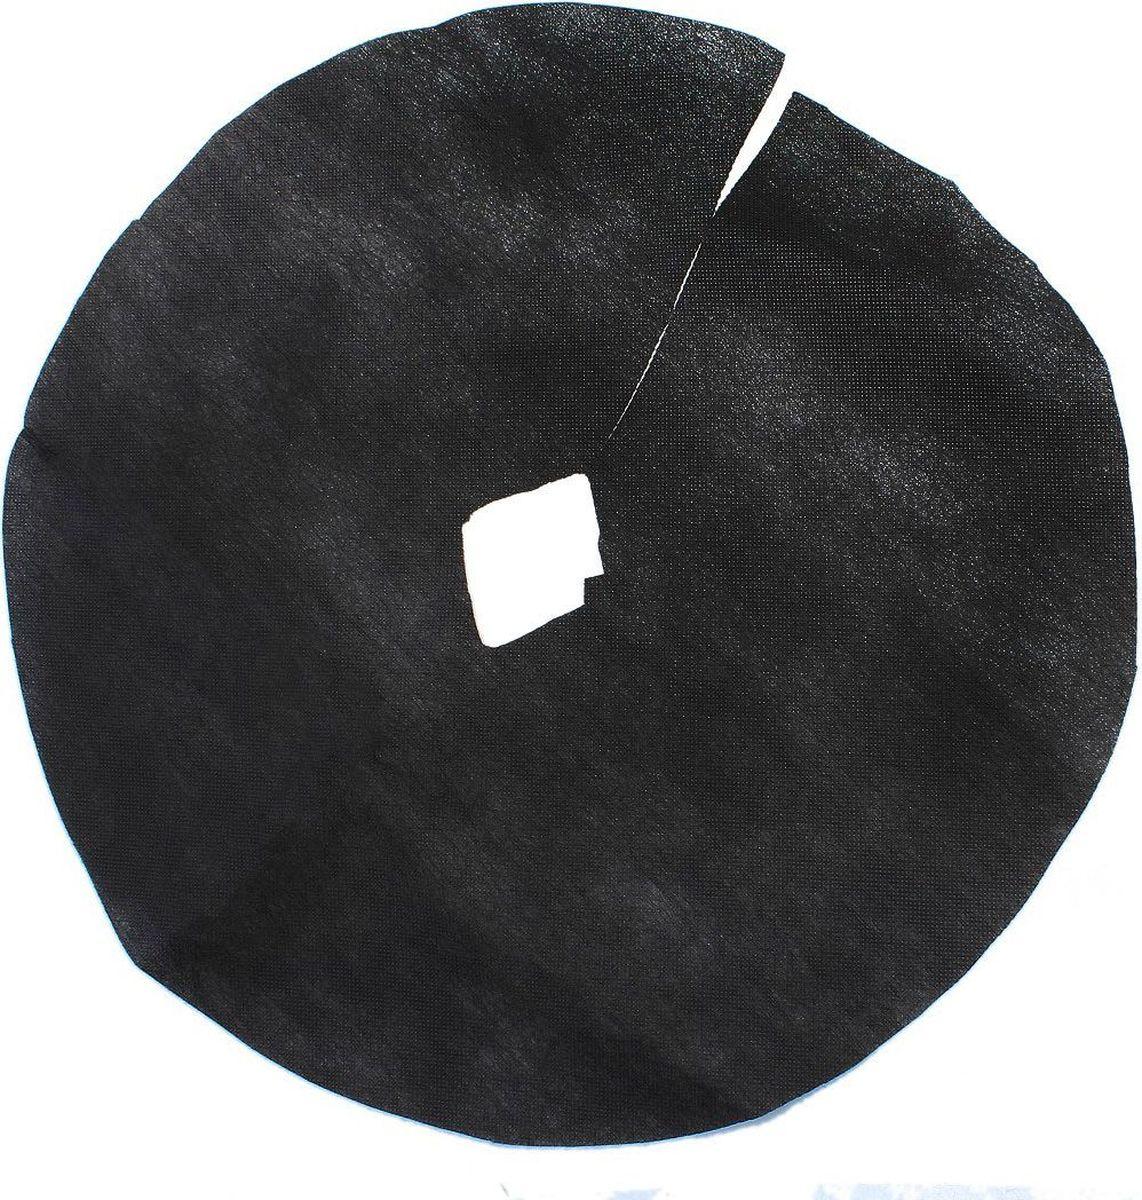 Круг приствольный Агротекс, цвет: черный, диаметр 0,4 м, 10 шт693585Каждый опытный садовод знает о пользе приствольного круга. Он облегчает уход за растениями, обеспечивает почве свободную вентиляцию и «дыхание», сохраняя влагу.Используя приствольный круг «Агротекс»:вы можете навсегда забыть о прополке и придать своему саду аккуратный, ухоженный видвы защитите свои посадки от холода и поможете им пережить резкие колебания температурвы улучшите аэрацию и дренаж почвывы сохраните влагу и уменьшите испарение.Круг экологичен и прост в использовании: взрыхлите и разровняйте почву вокруг ствола, расстелите приствольный круг (сторона не имеет значения) и надёжно присыпьте края землёй или гравием. Готово!Теперь вы можете не беспокоиться о своих деревьях и кустарниках: на ближайшие три сезона это работа для «Агротекс».